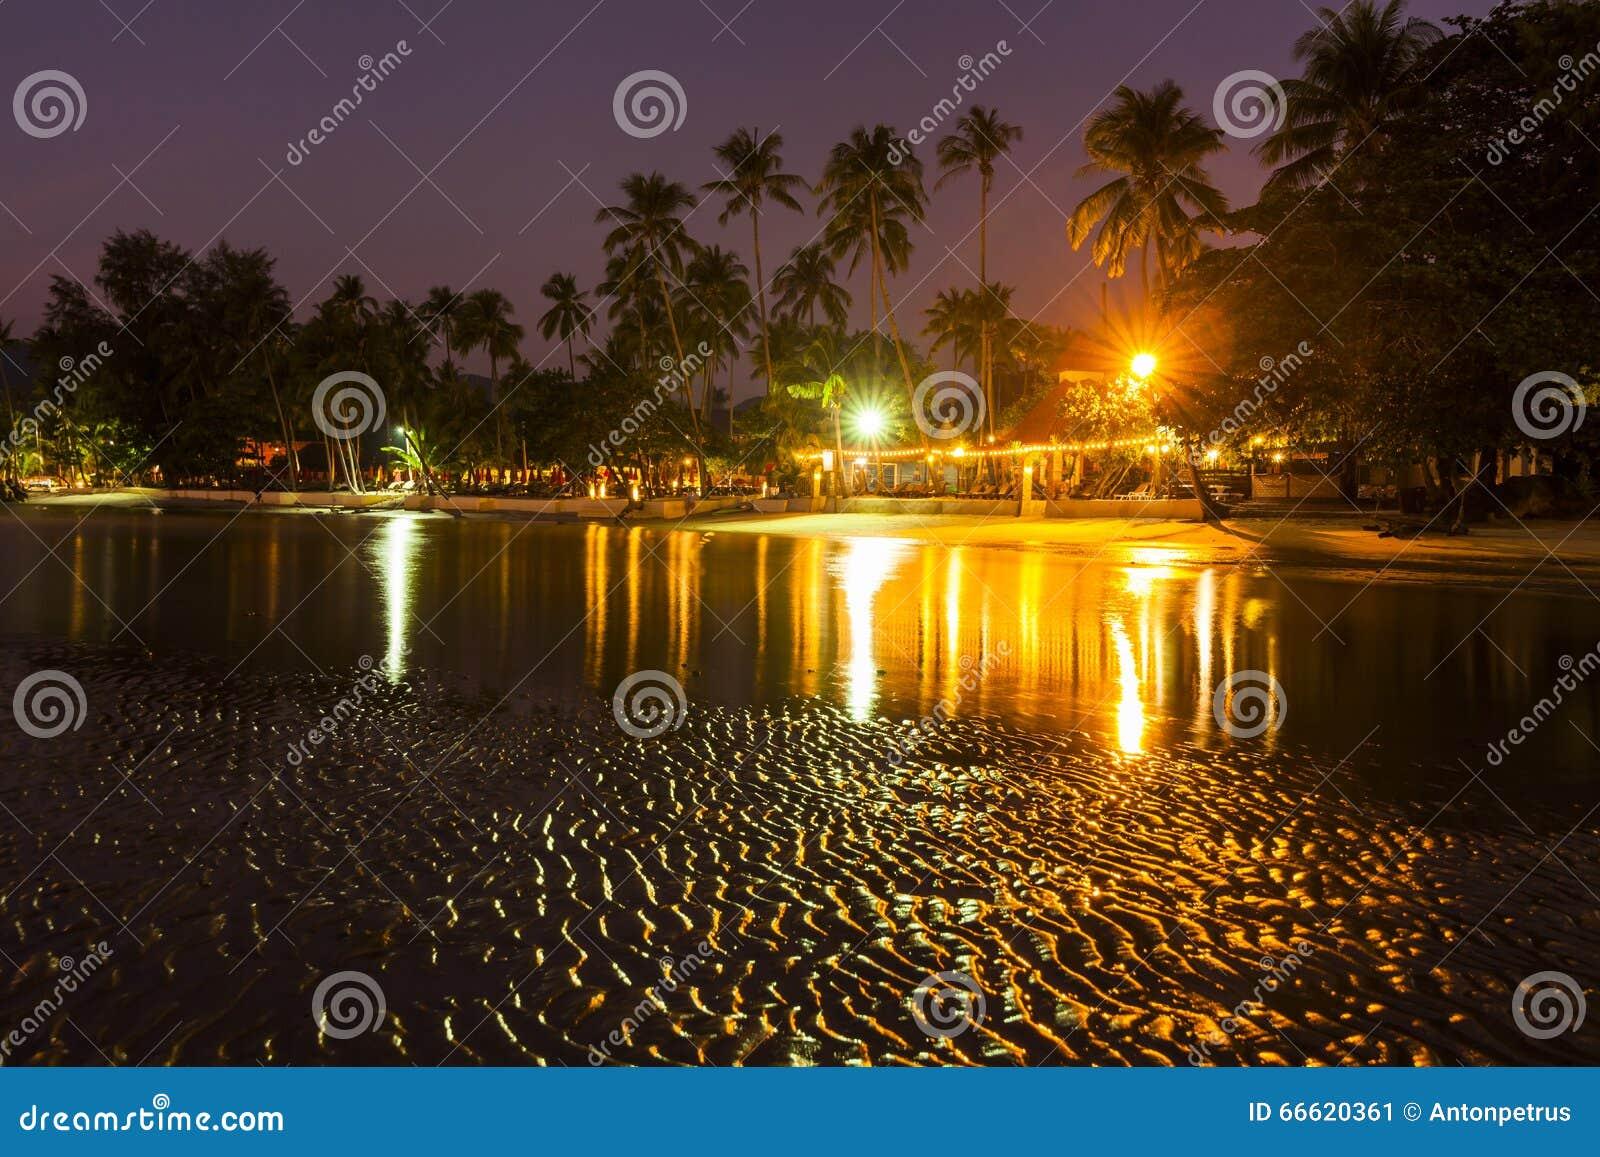 Sera romantica su unisola tropicale con illuminazione di notte